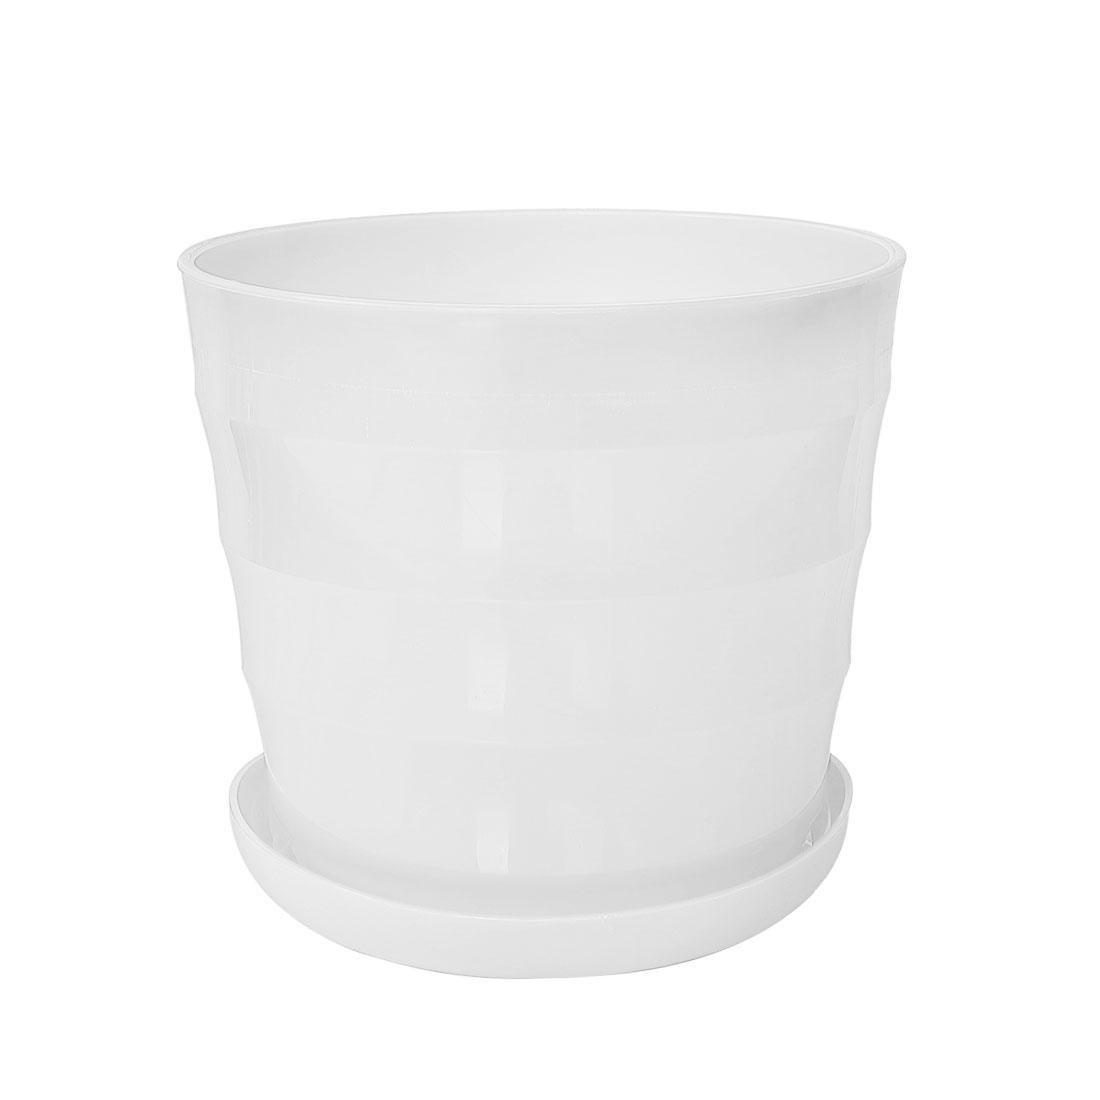 Home Balcony Office Plastic Round Plant Planter Holder Flower Pot White 19cm Dia